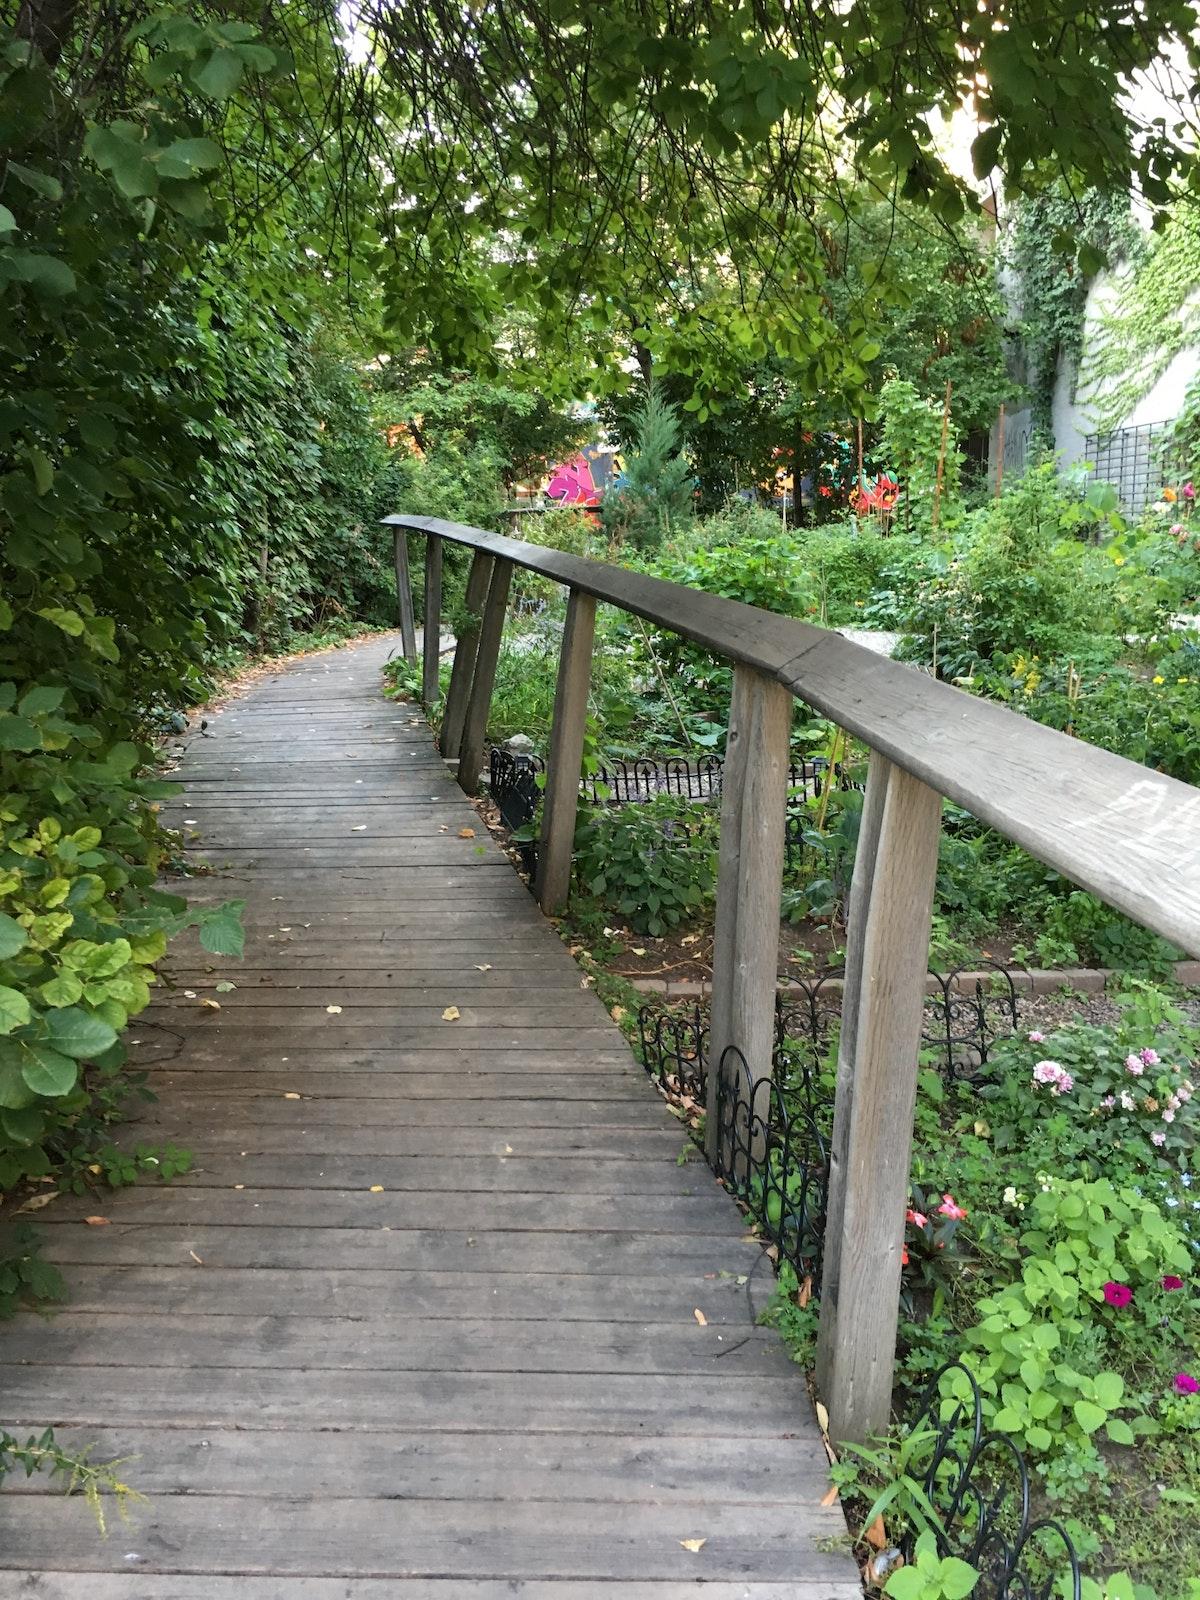 Alex Wilson Community Garden